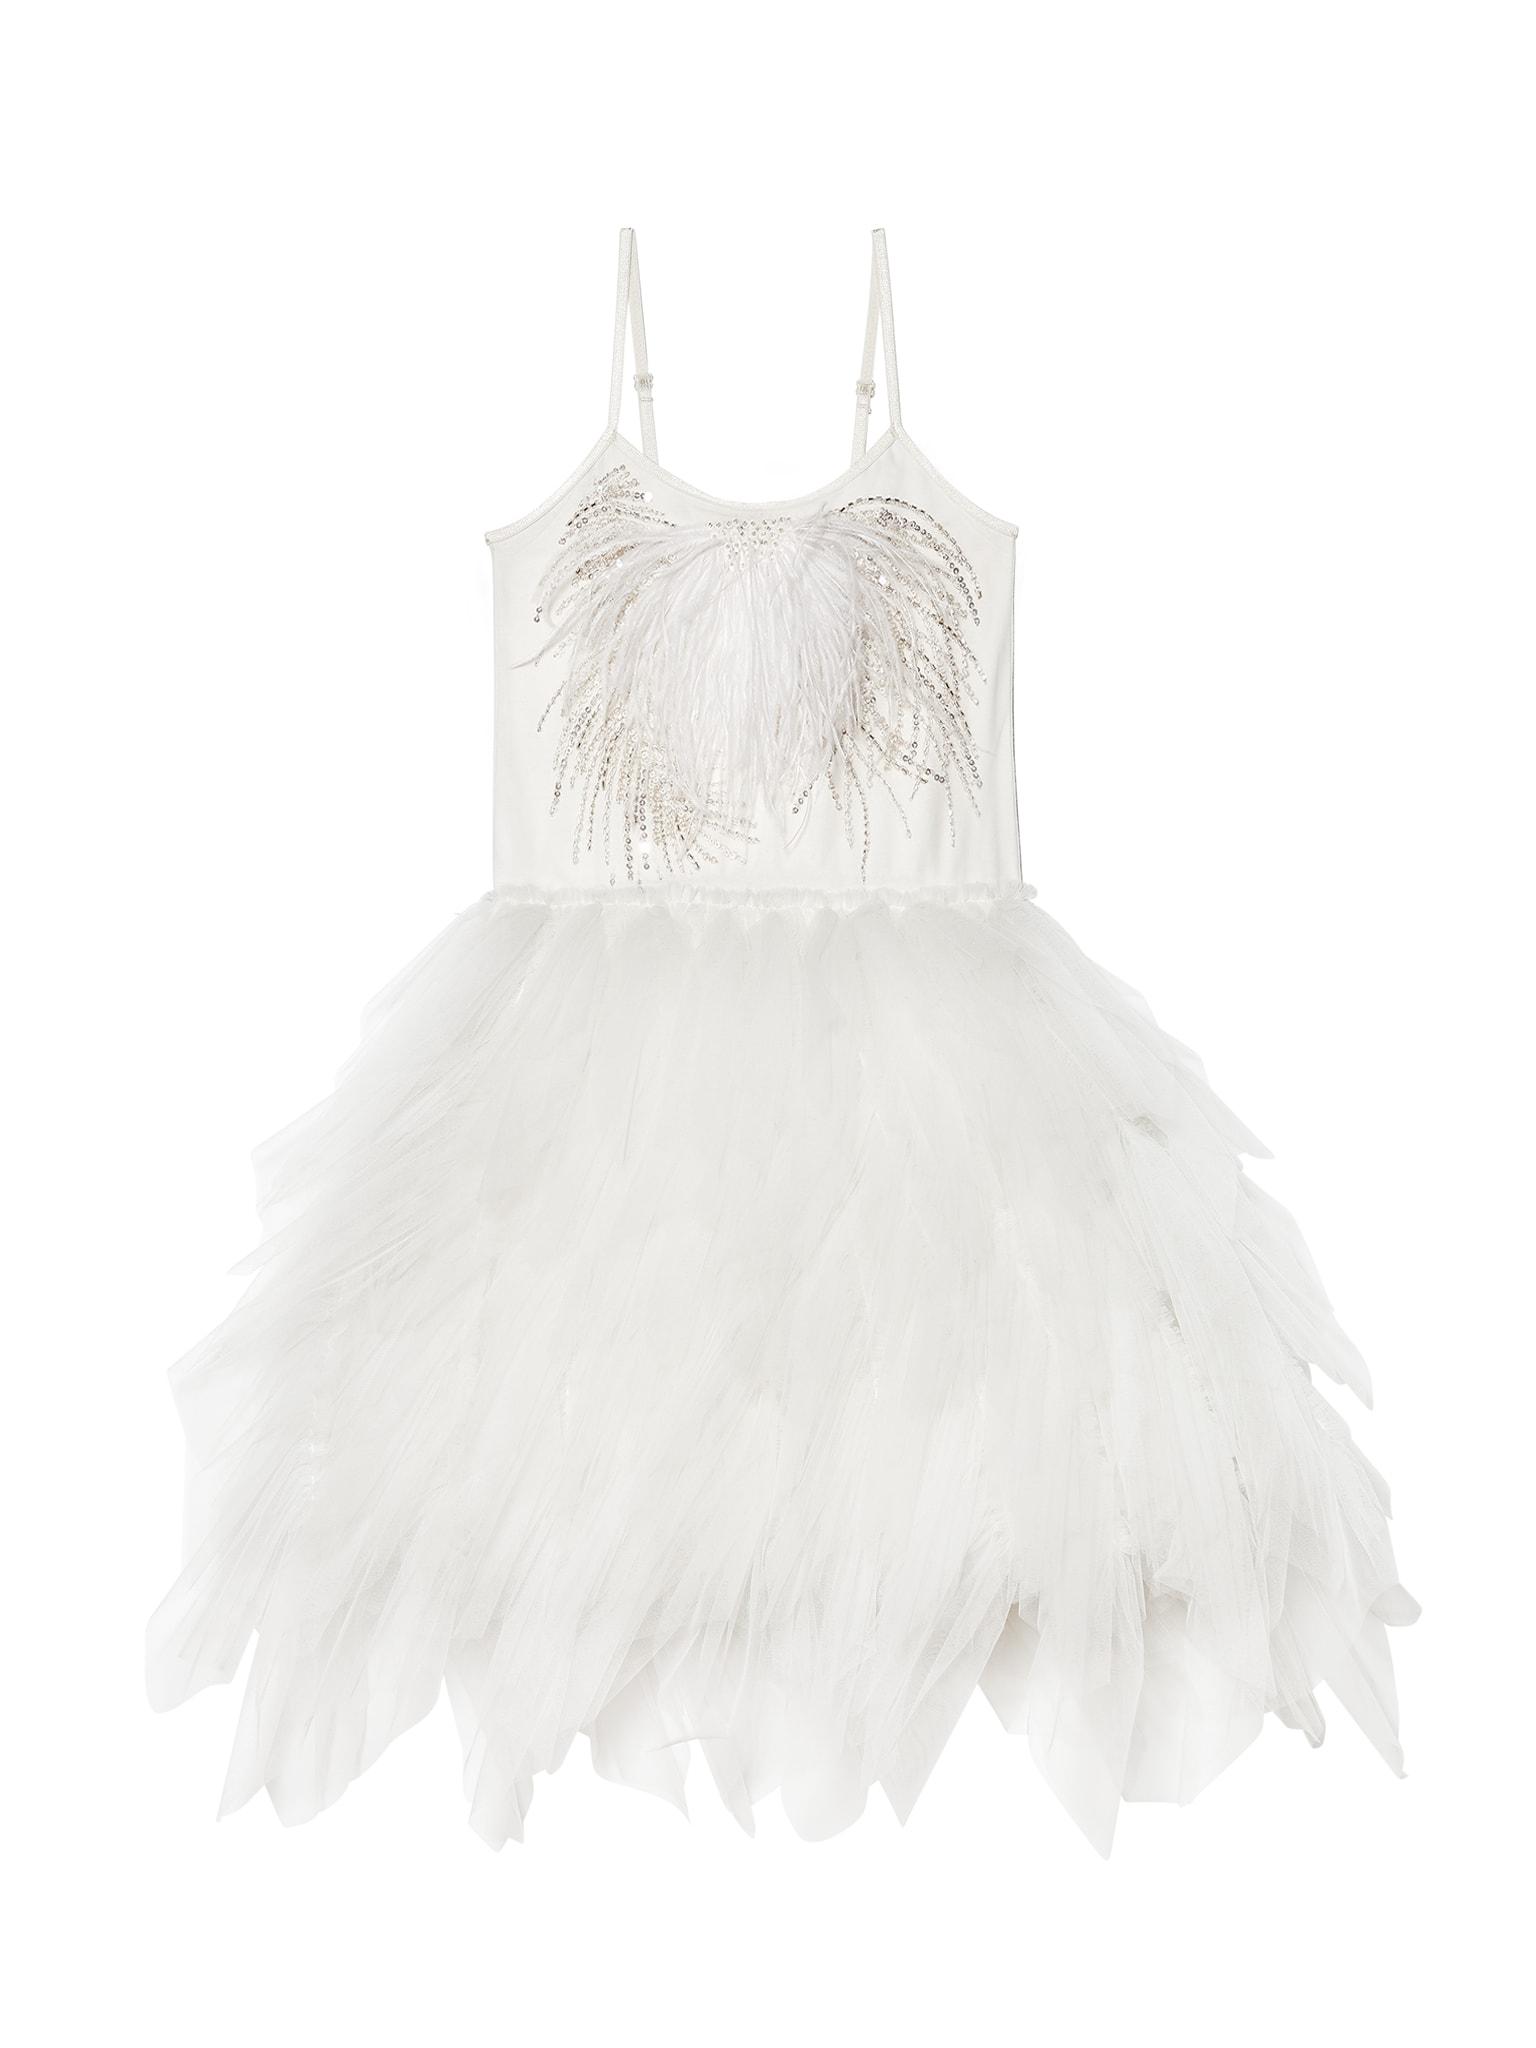 Tdm4095 decadent dream tutu dress 01 min